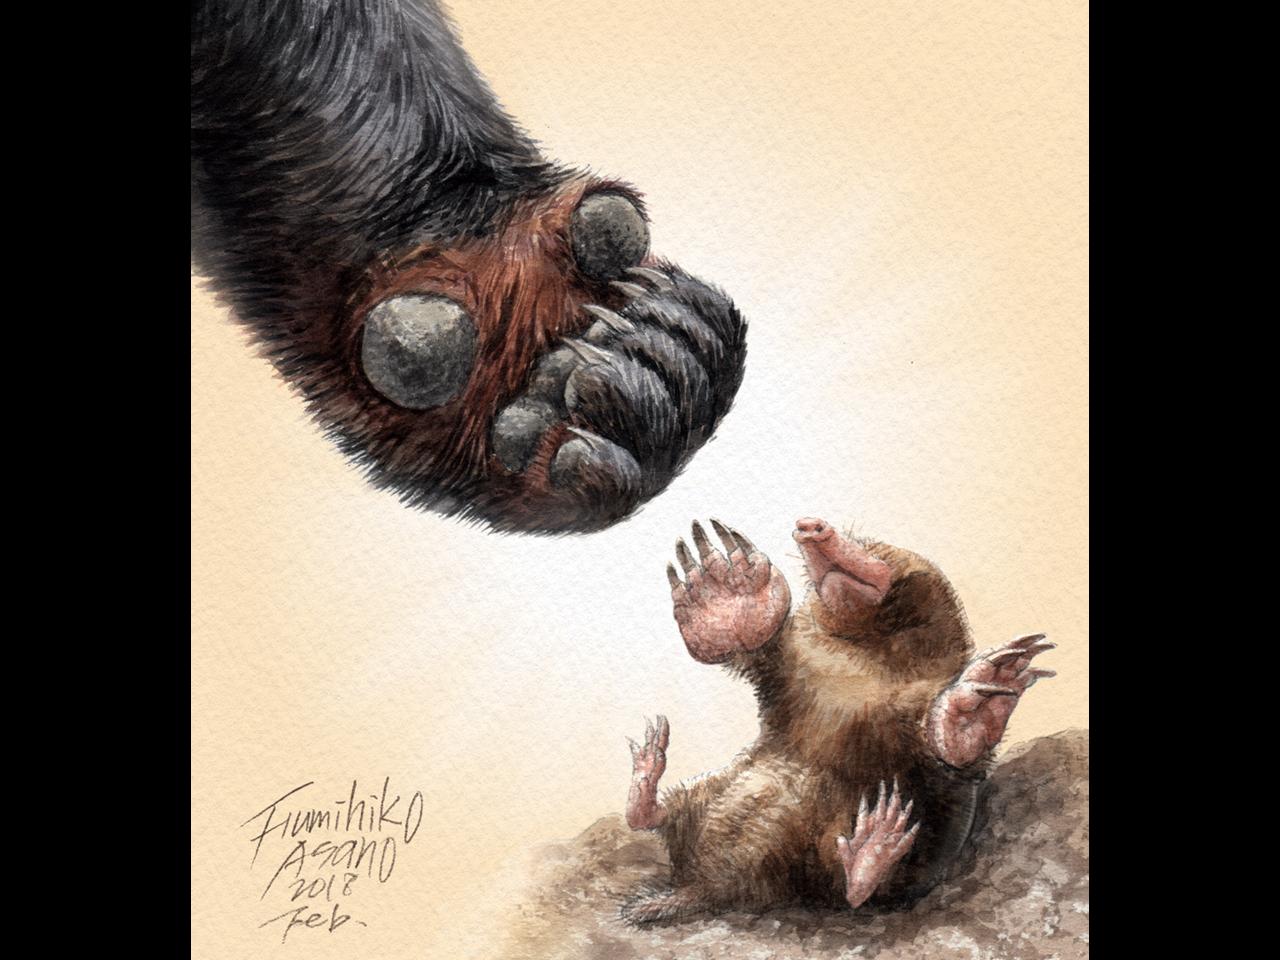 モグラの親趾